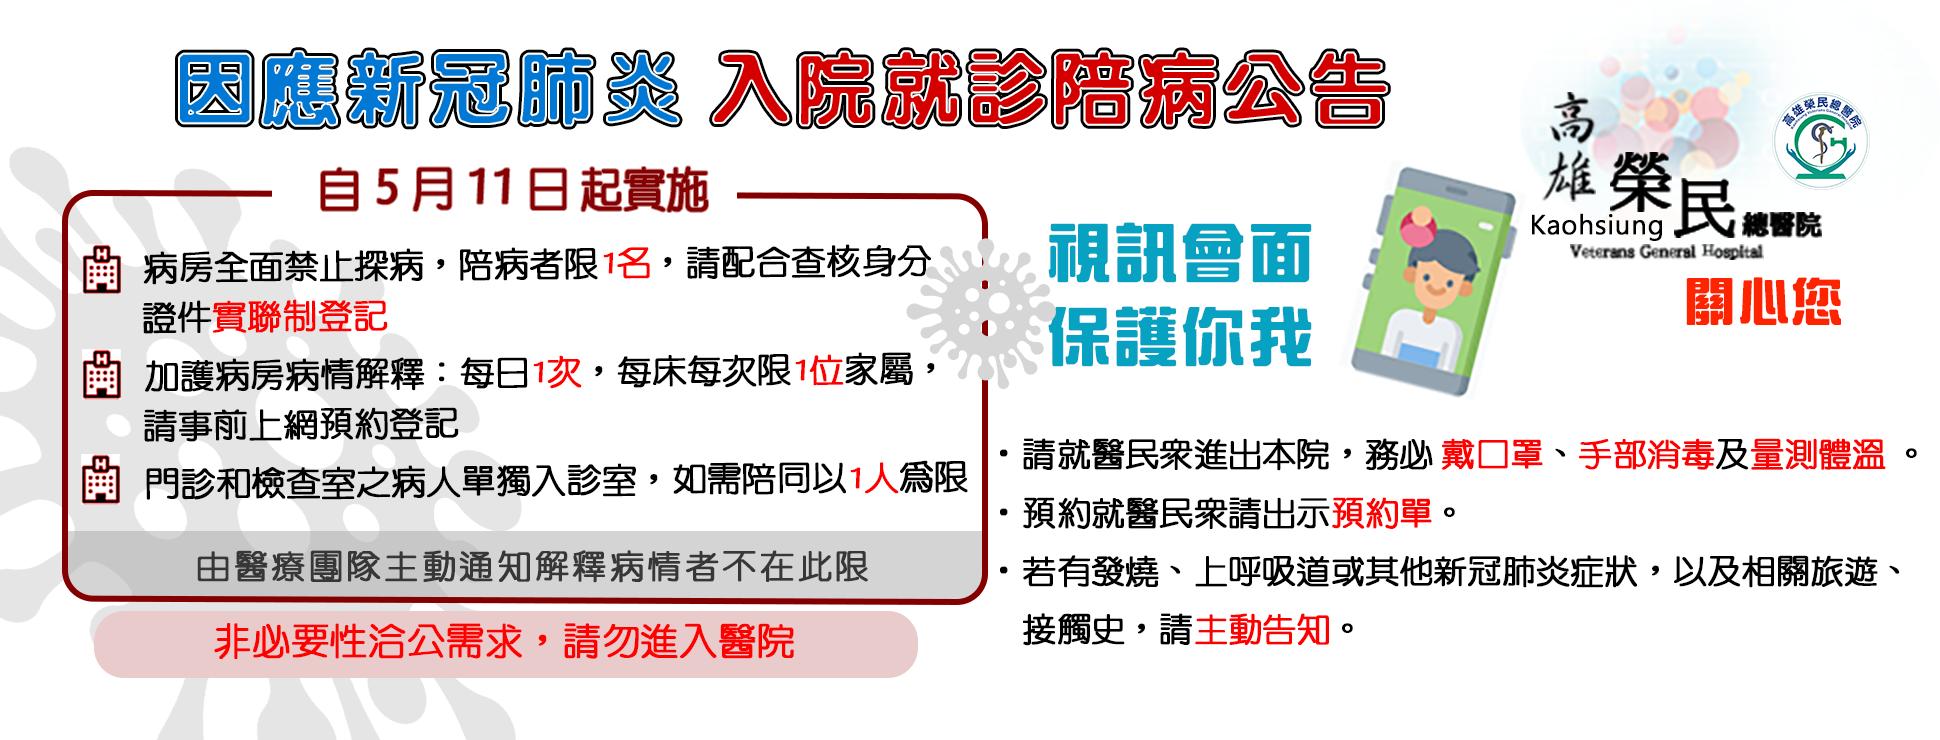 1100511「醫企部」 - 防疫期間病房全面禁止探病公告(圖片)